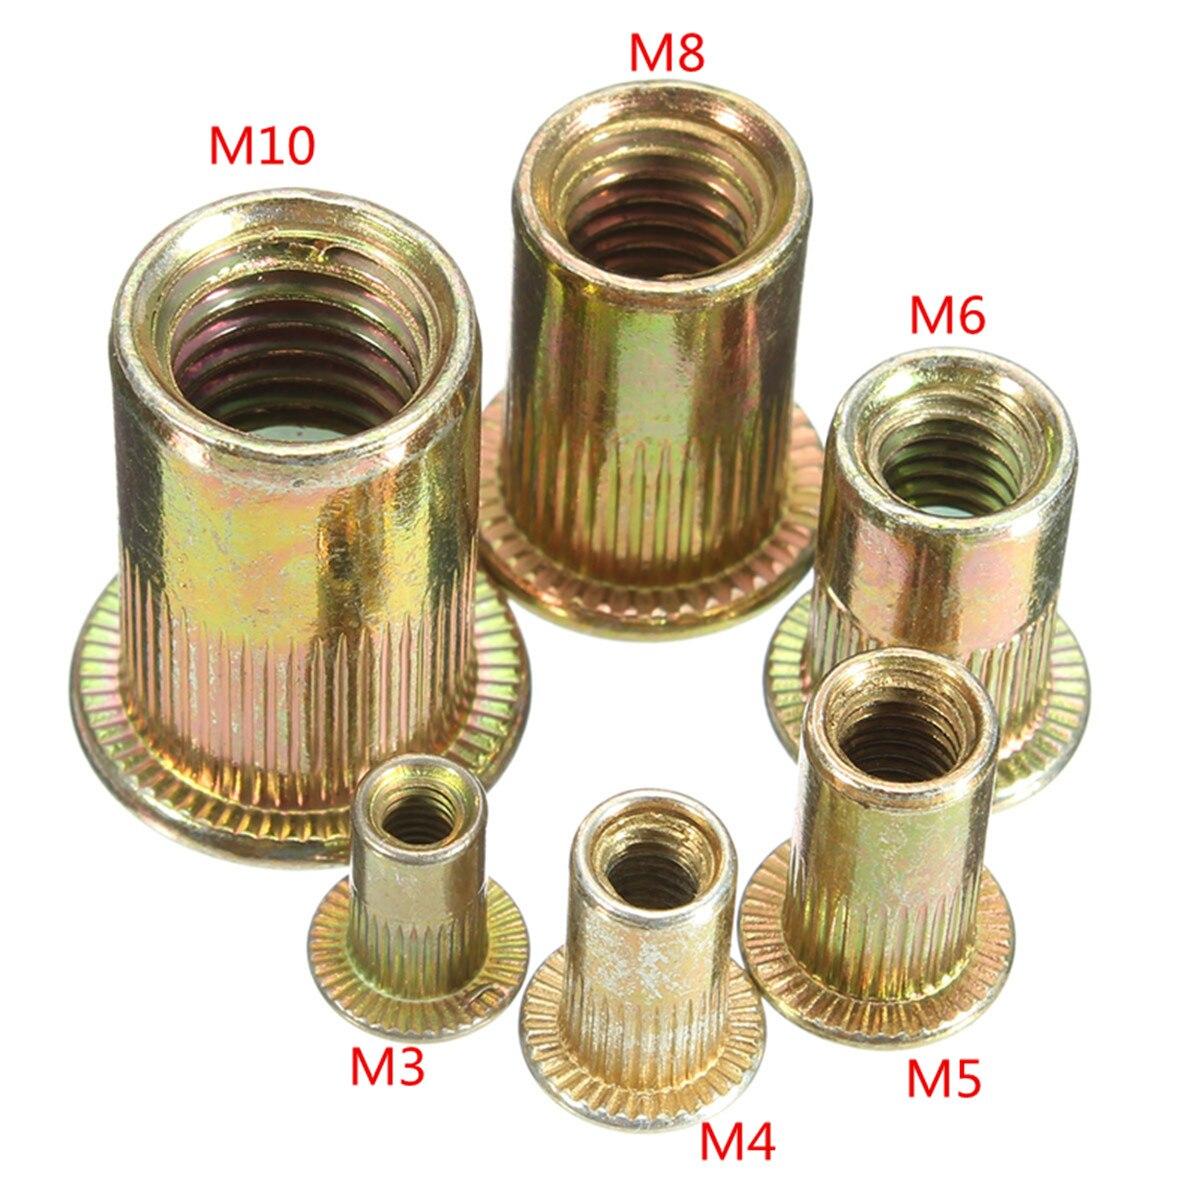 10-20-pieces-ensemble-m3-m4-m6-m8-m10-en-acier-au-carbone-rivet-ecrous-a-tete-plate-rivet-ecrous-set-ecrous-inserer-rivetage